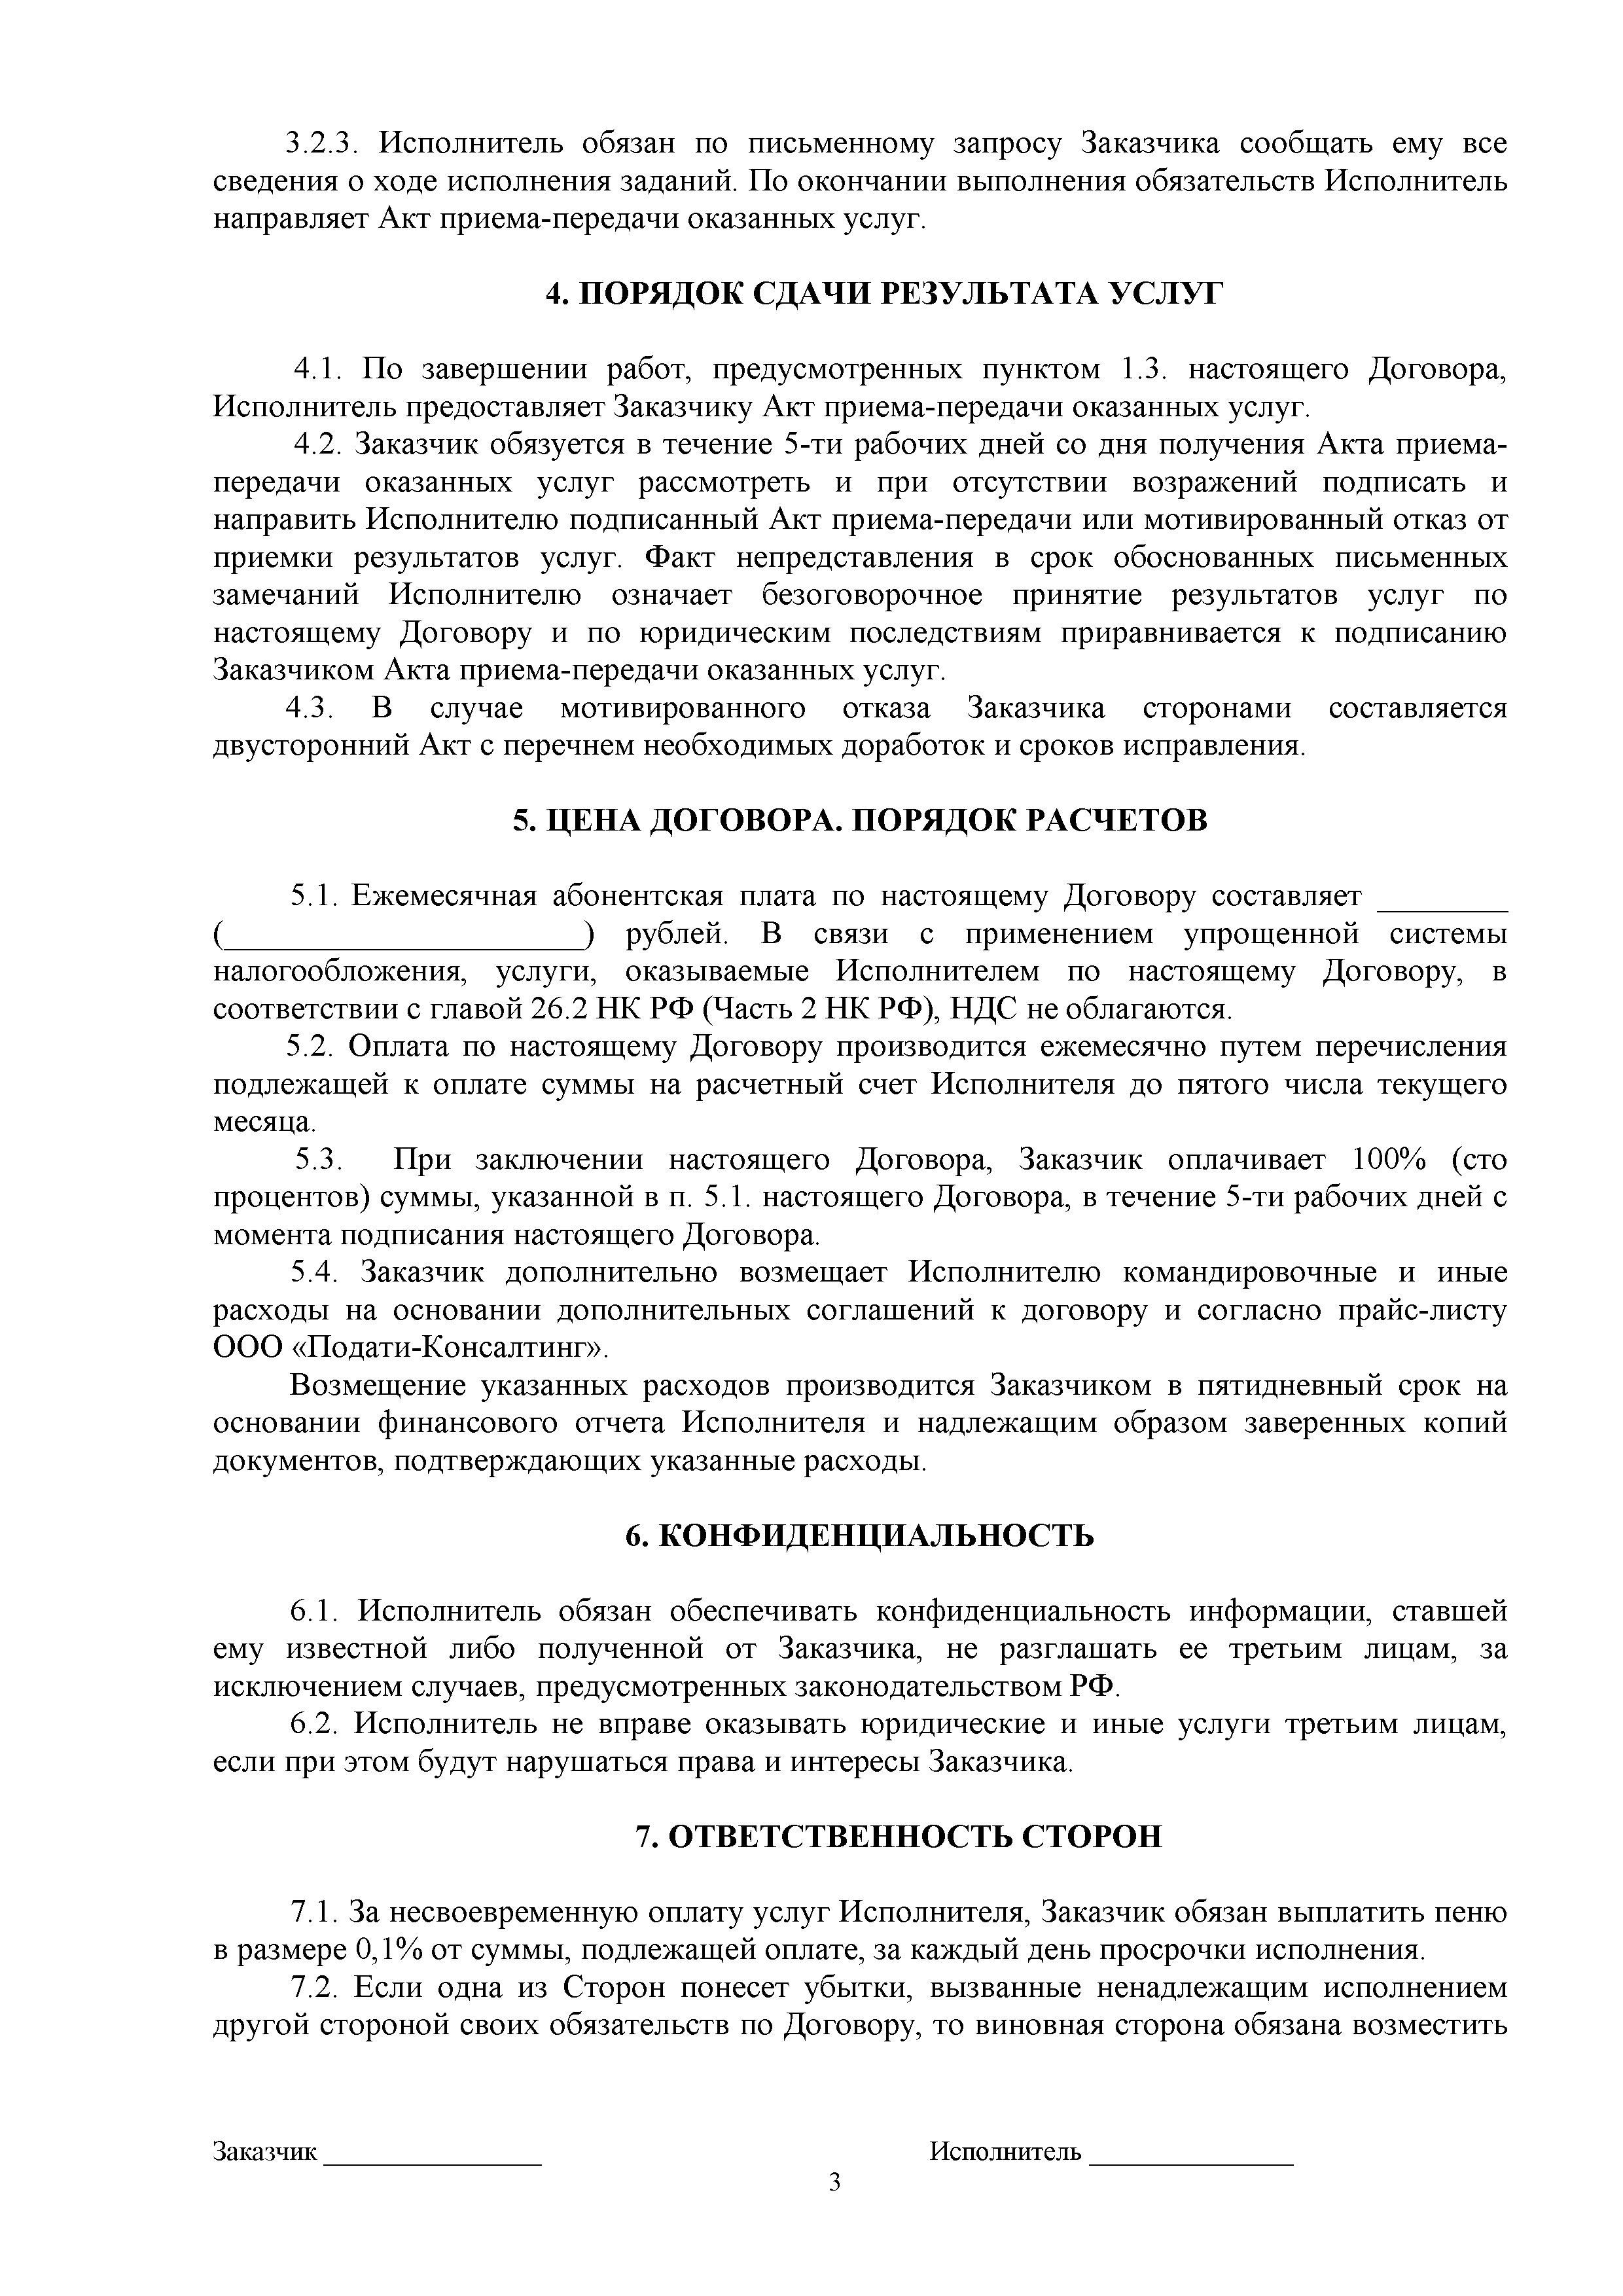 Договор на абонентское юридическое обслуживание